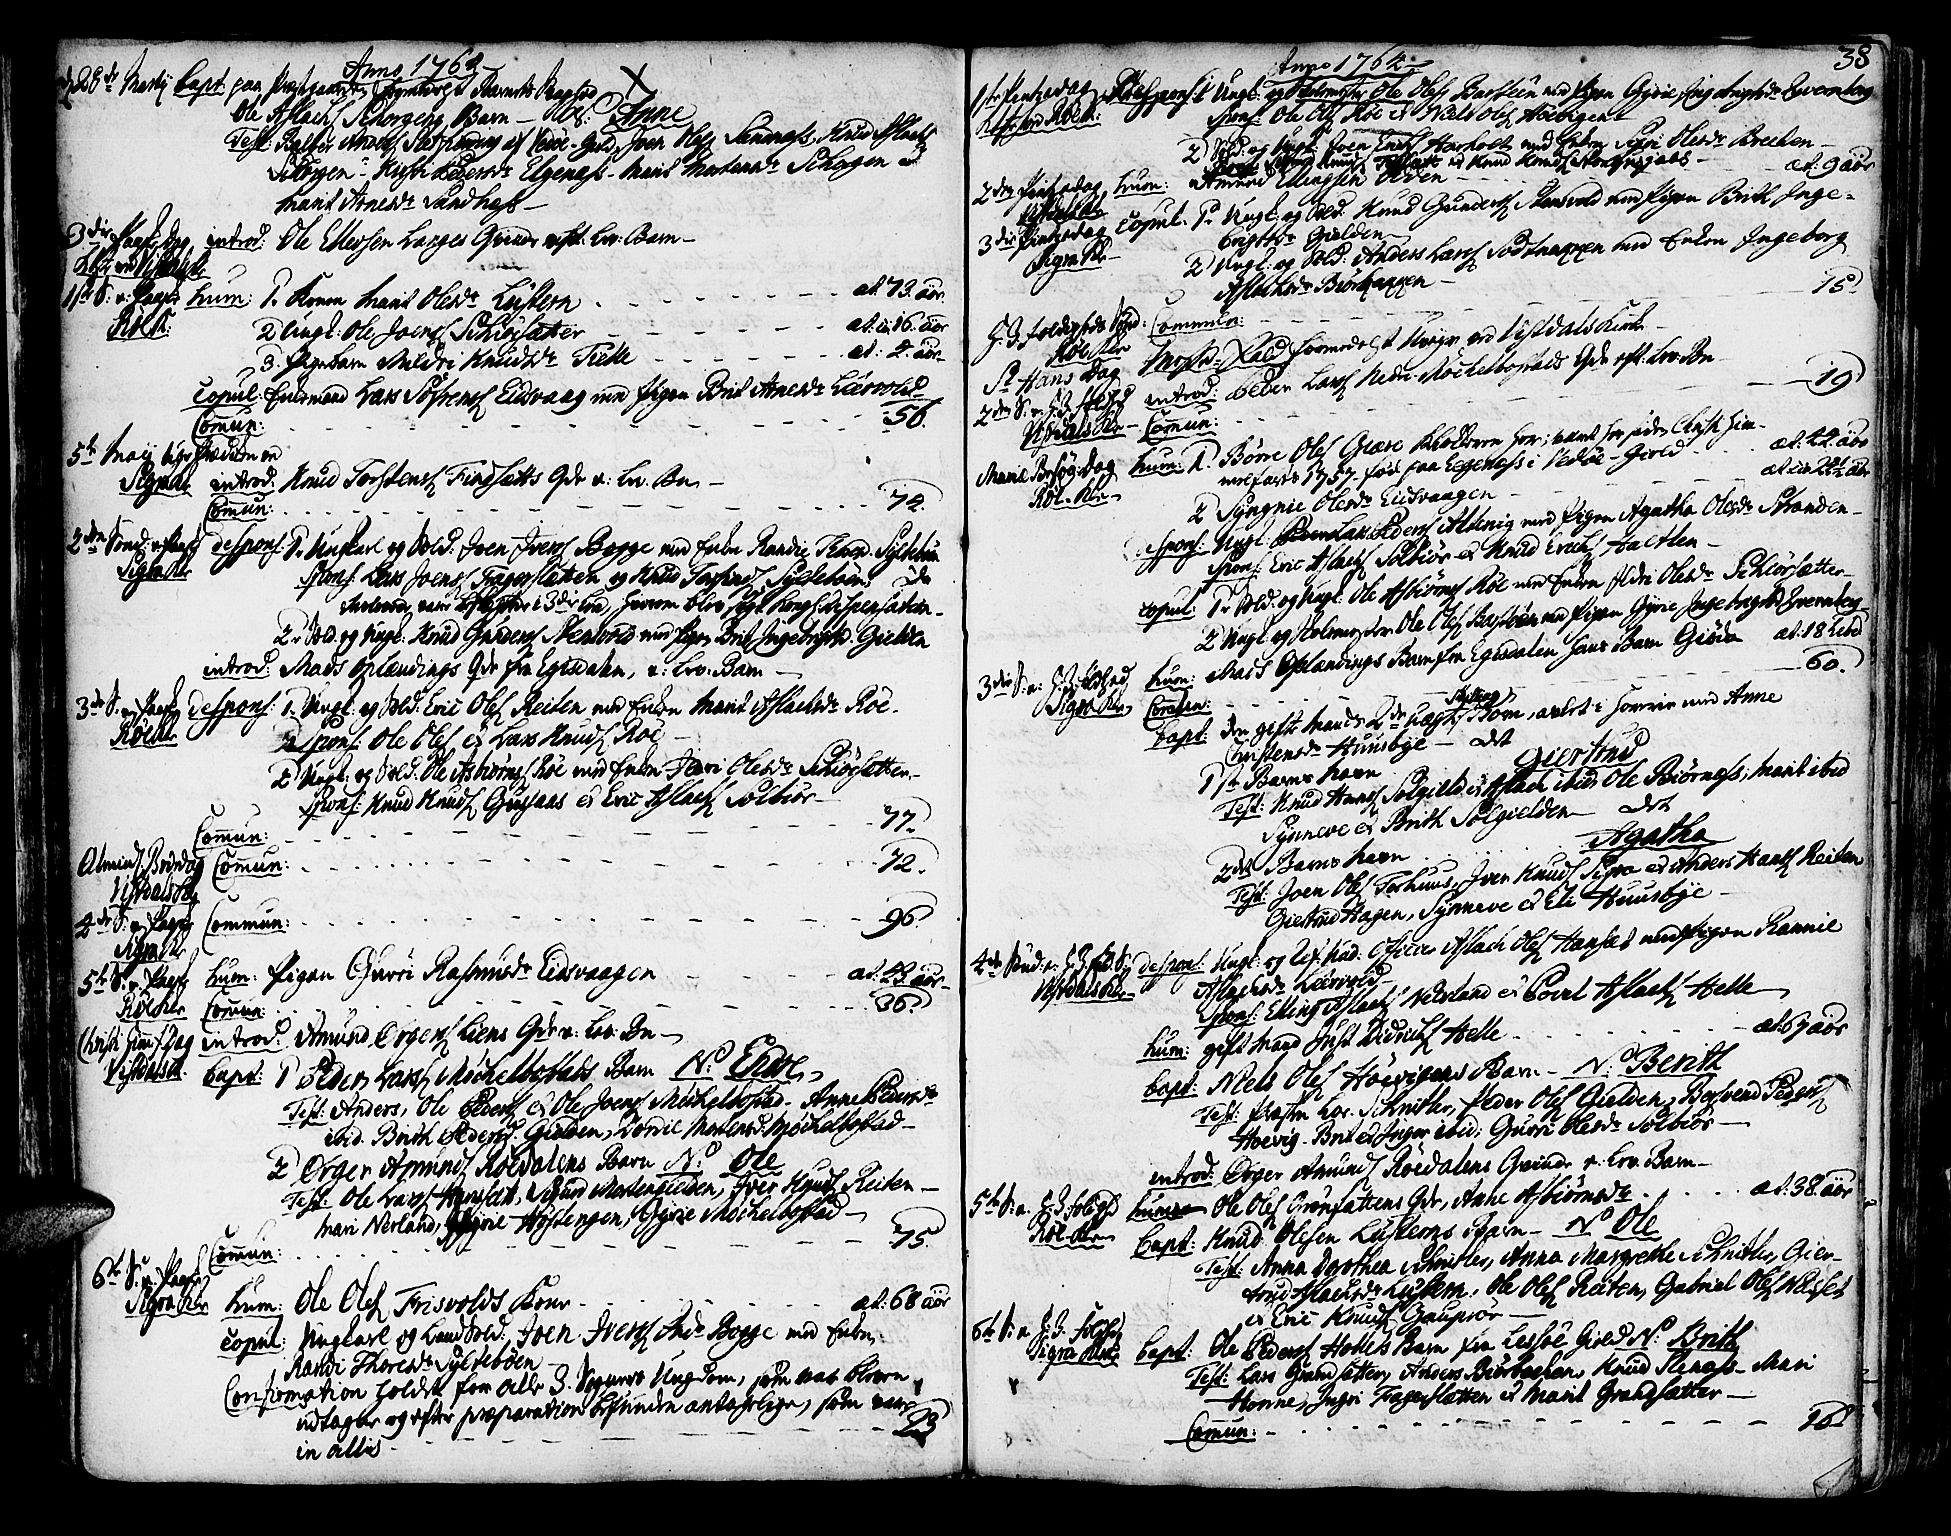 SAT, Ministerialprotokoller, klokkerbøker og fødselsregistre - Møre og Romsdal, 551/L0621: Ministerialbok nr. 551A01, 1757-1803, s. 38